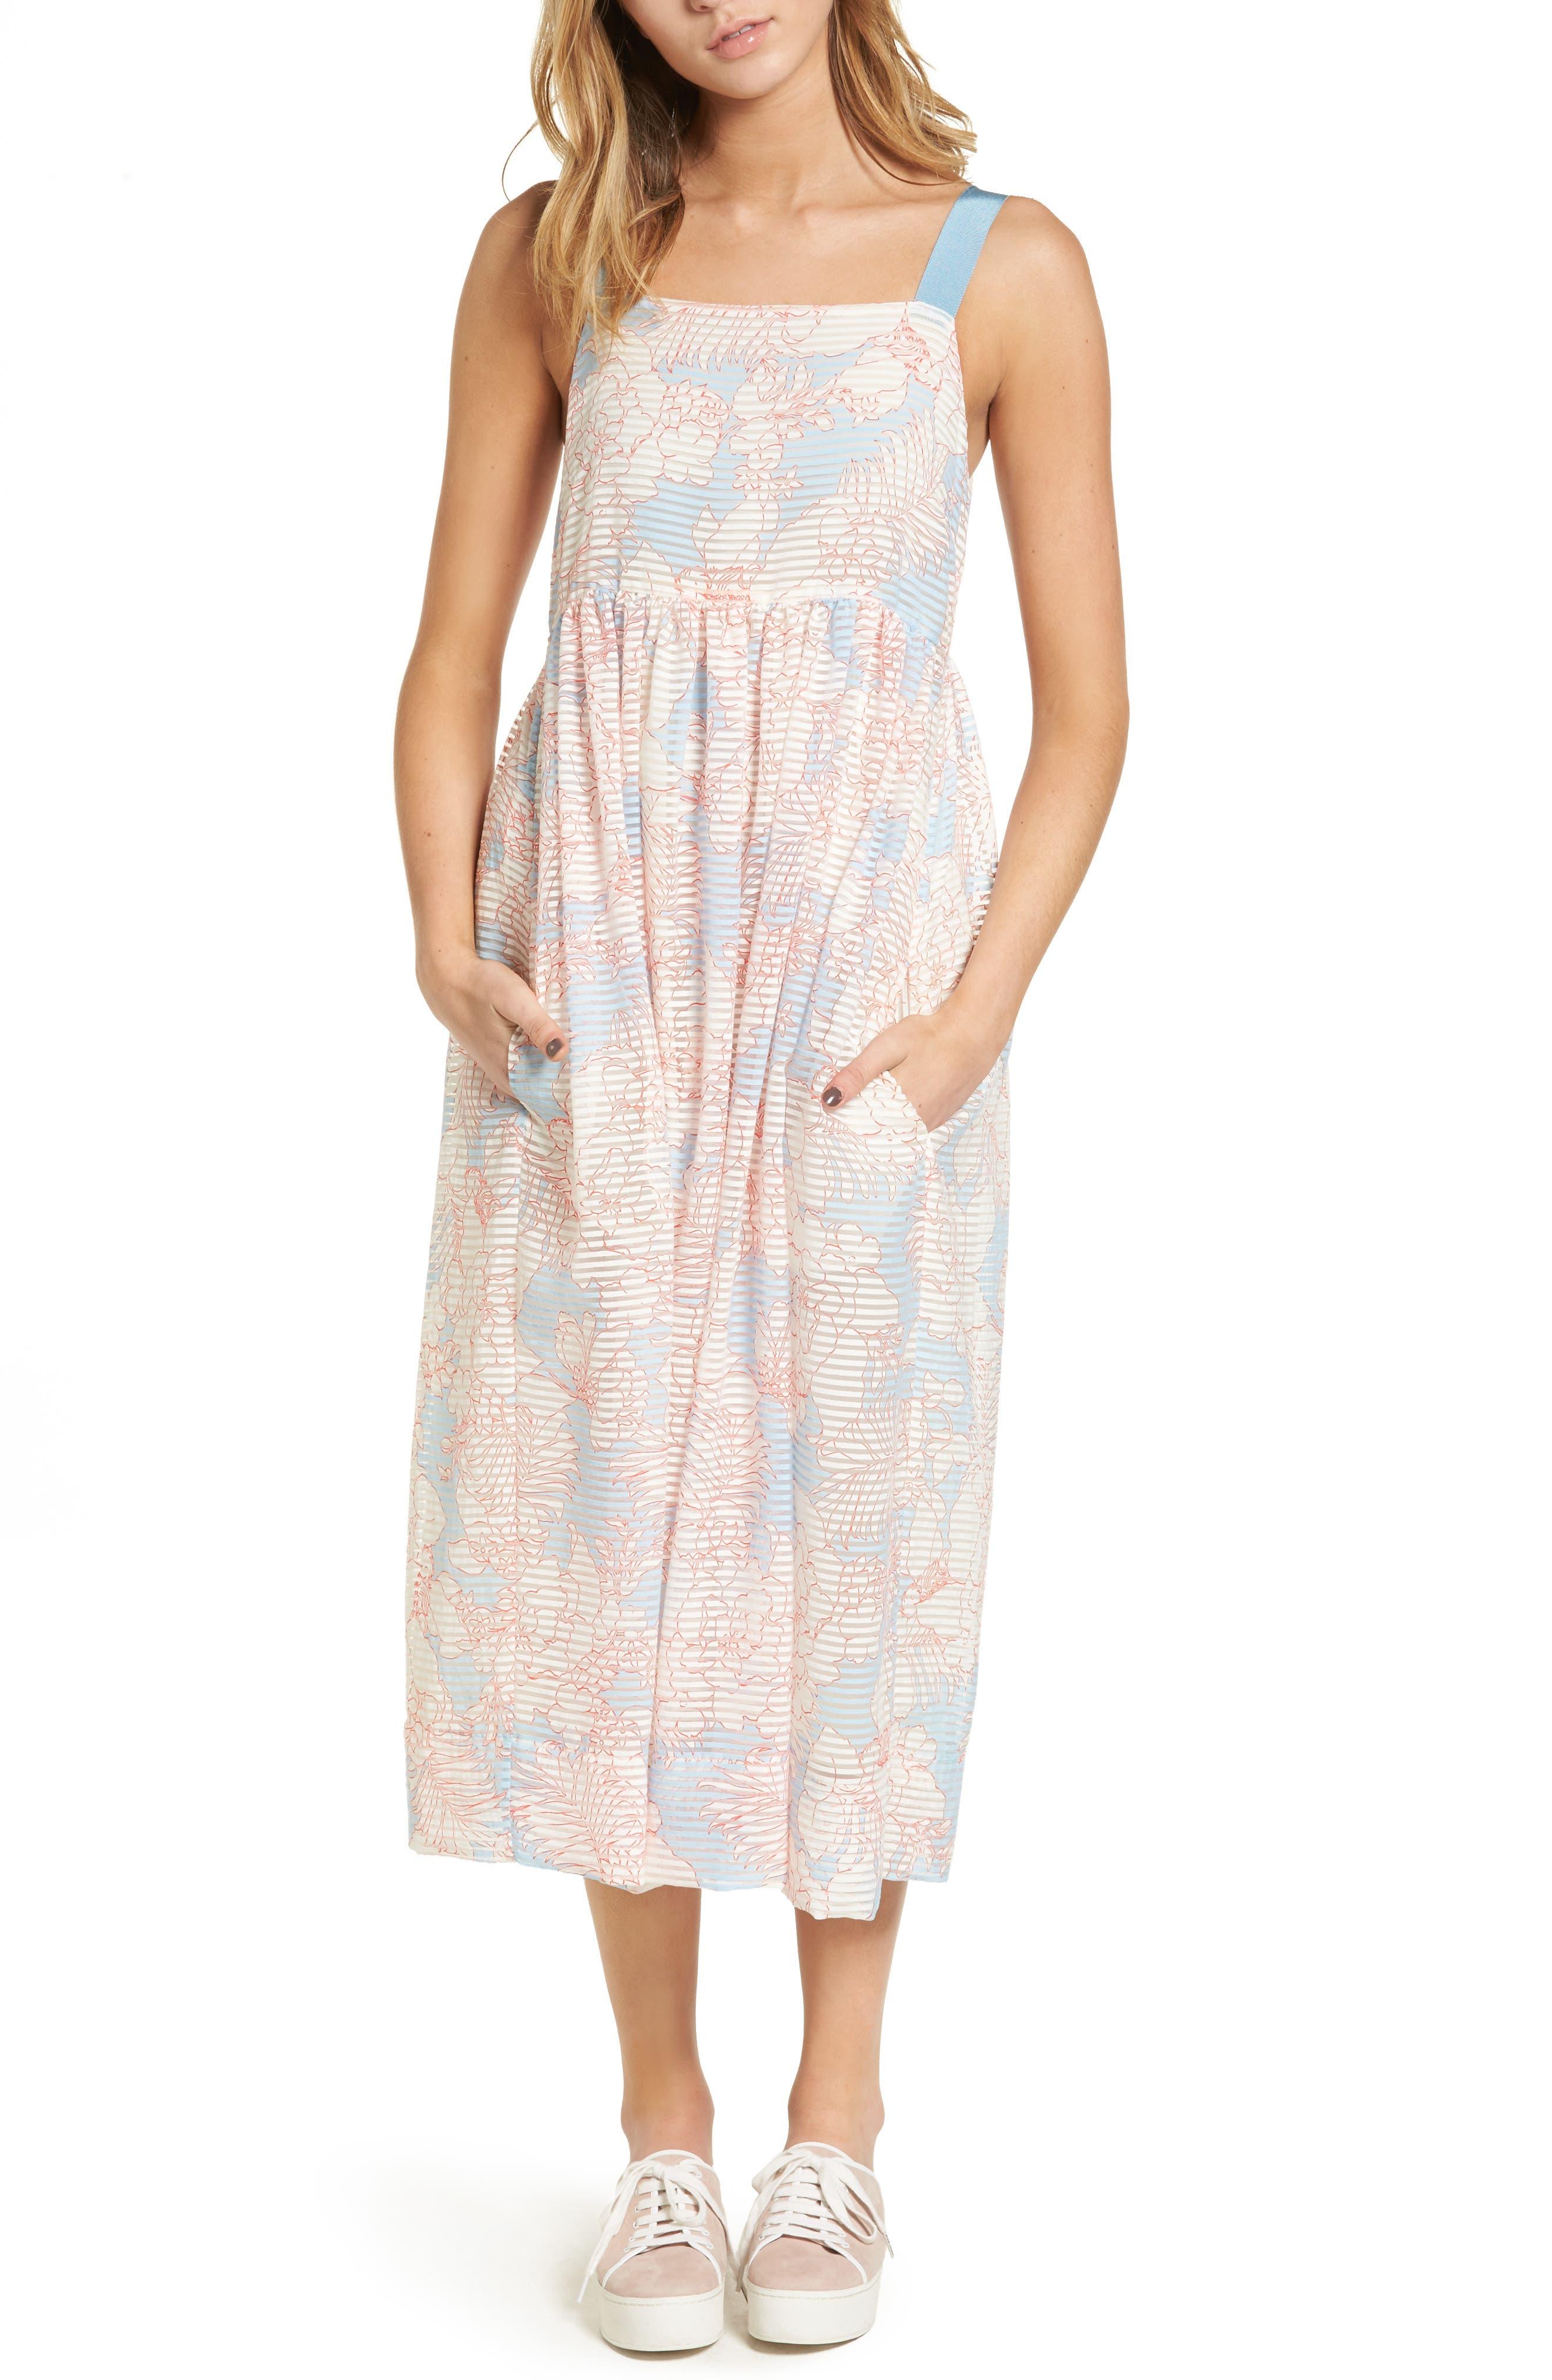 Alternate Image 1 Selected - Paul & Joe Sister Bahamas Print Midi Dress